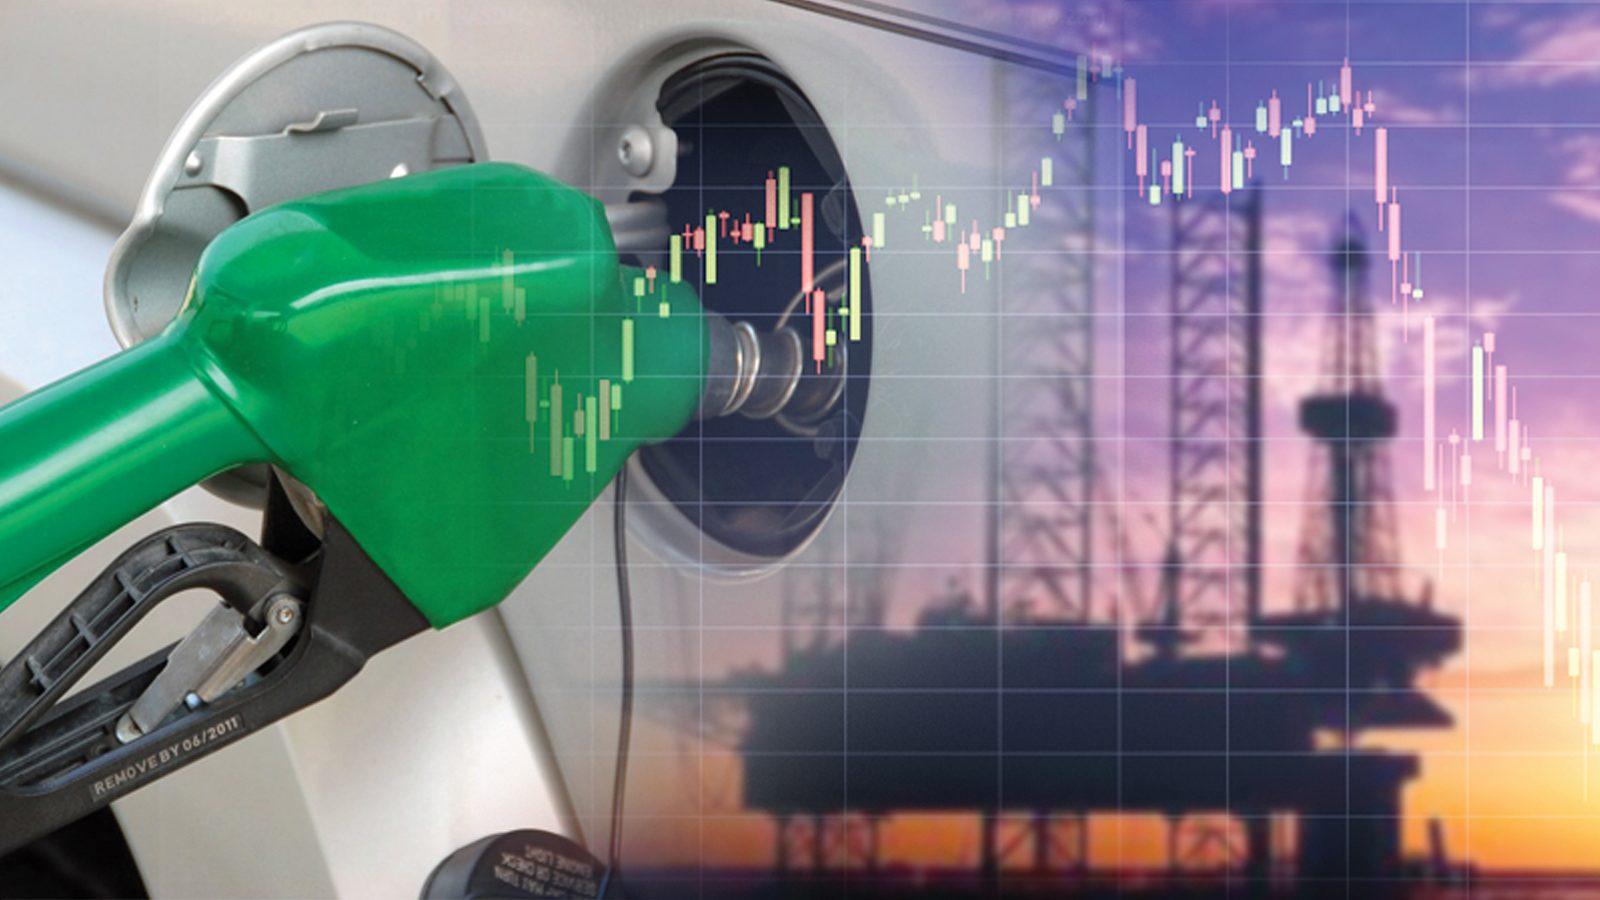 ราคาน้ำมันยังต่ำได้อีก โบรกหวั่นกดดันตลาดยาวมิดเดือน เม.ย. หวังเดือน พ.ค. ดีขึ้น